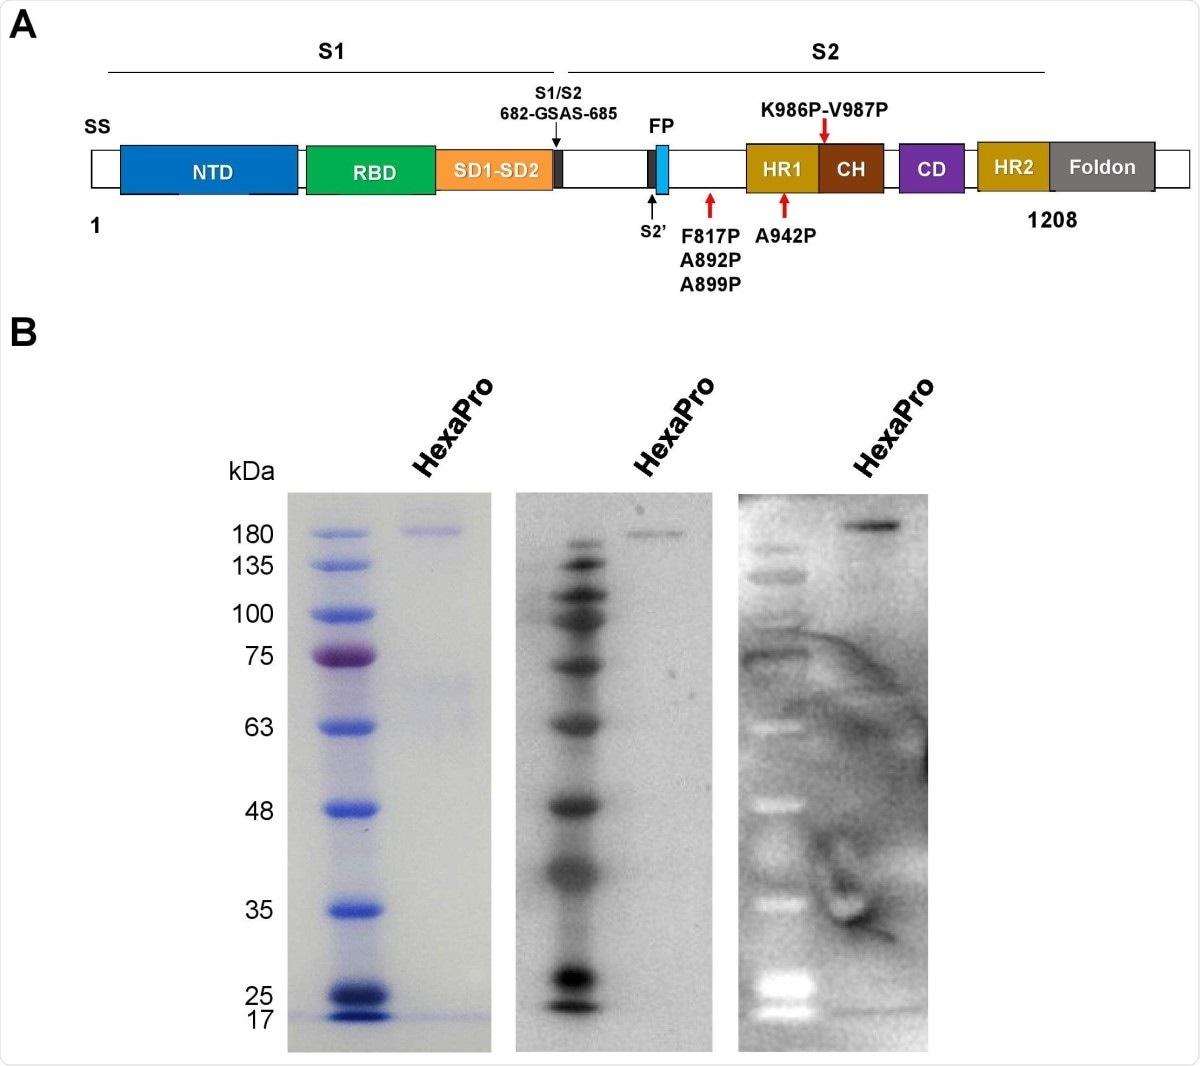 Proteína de pico HexaPro recombinante de SARS-CoV-2.  (A) Representación esquemática del rango externo del HexaPro SARS-CoV-2 preinstalado que muestra las subunidades S1 y S2.  Las flechas rojas que se muestran debajo de la construcción indican cuatro sustituciones de prolina adicionales de la construcción S-2P.  (B) La proteína HexaPro expresada en células HEK293T se purificó y marcó con SDS-PAGE (izquierda), tinción western usando un anti-RBD comercial (centro) y tinción western usando suero convaleciente combinado (derecha).